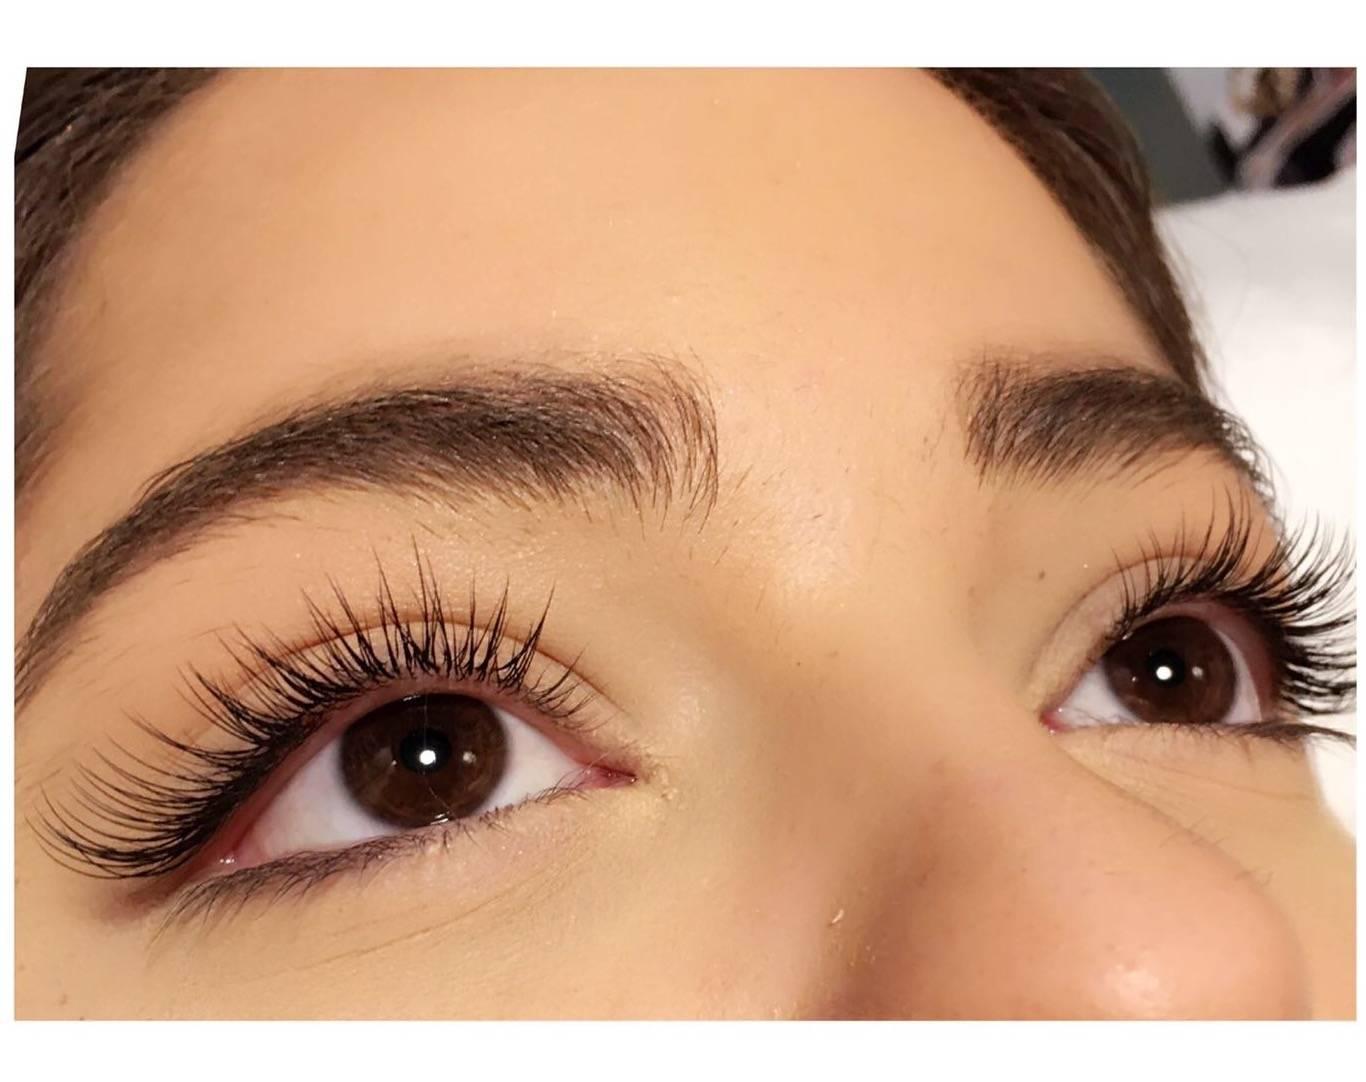 natural eyelash extensions by Moka & Sarah